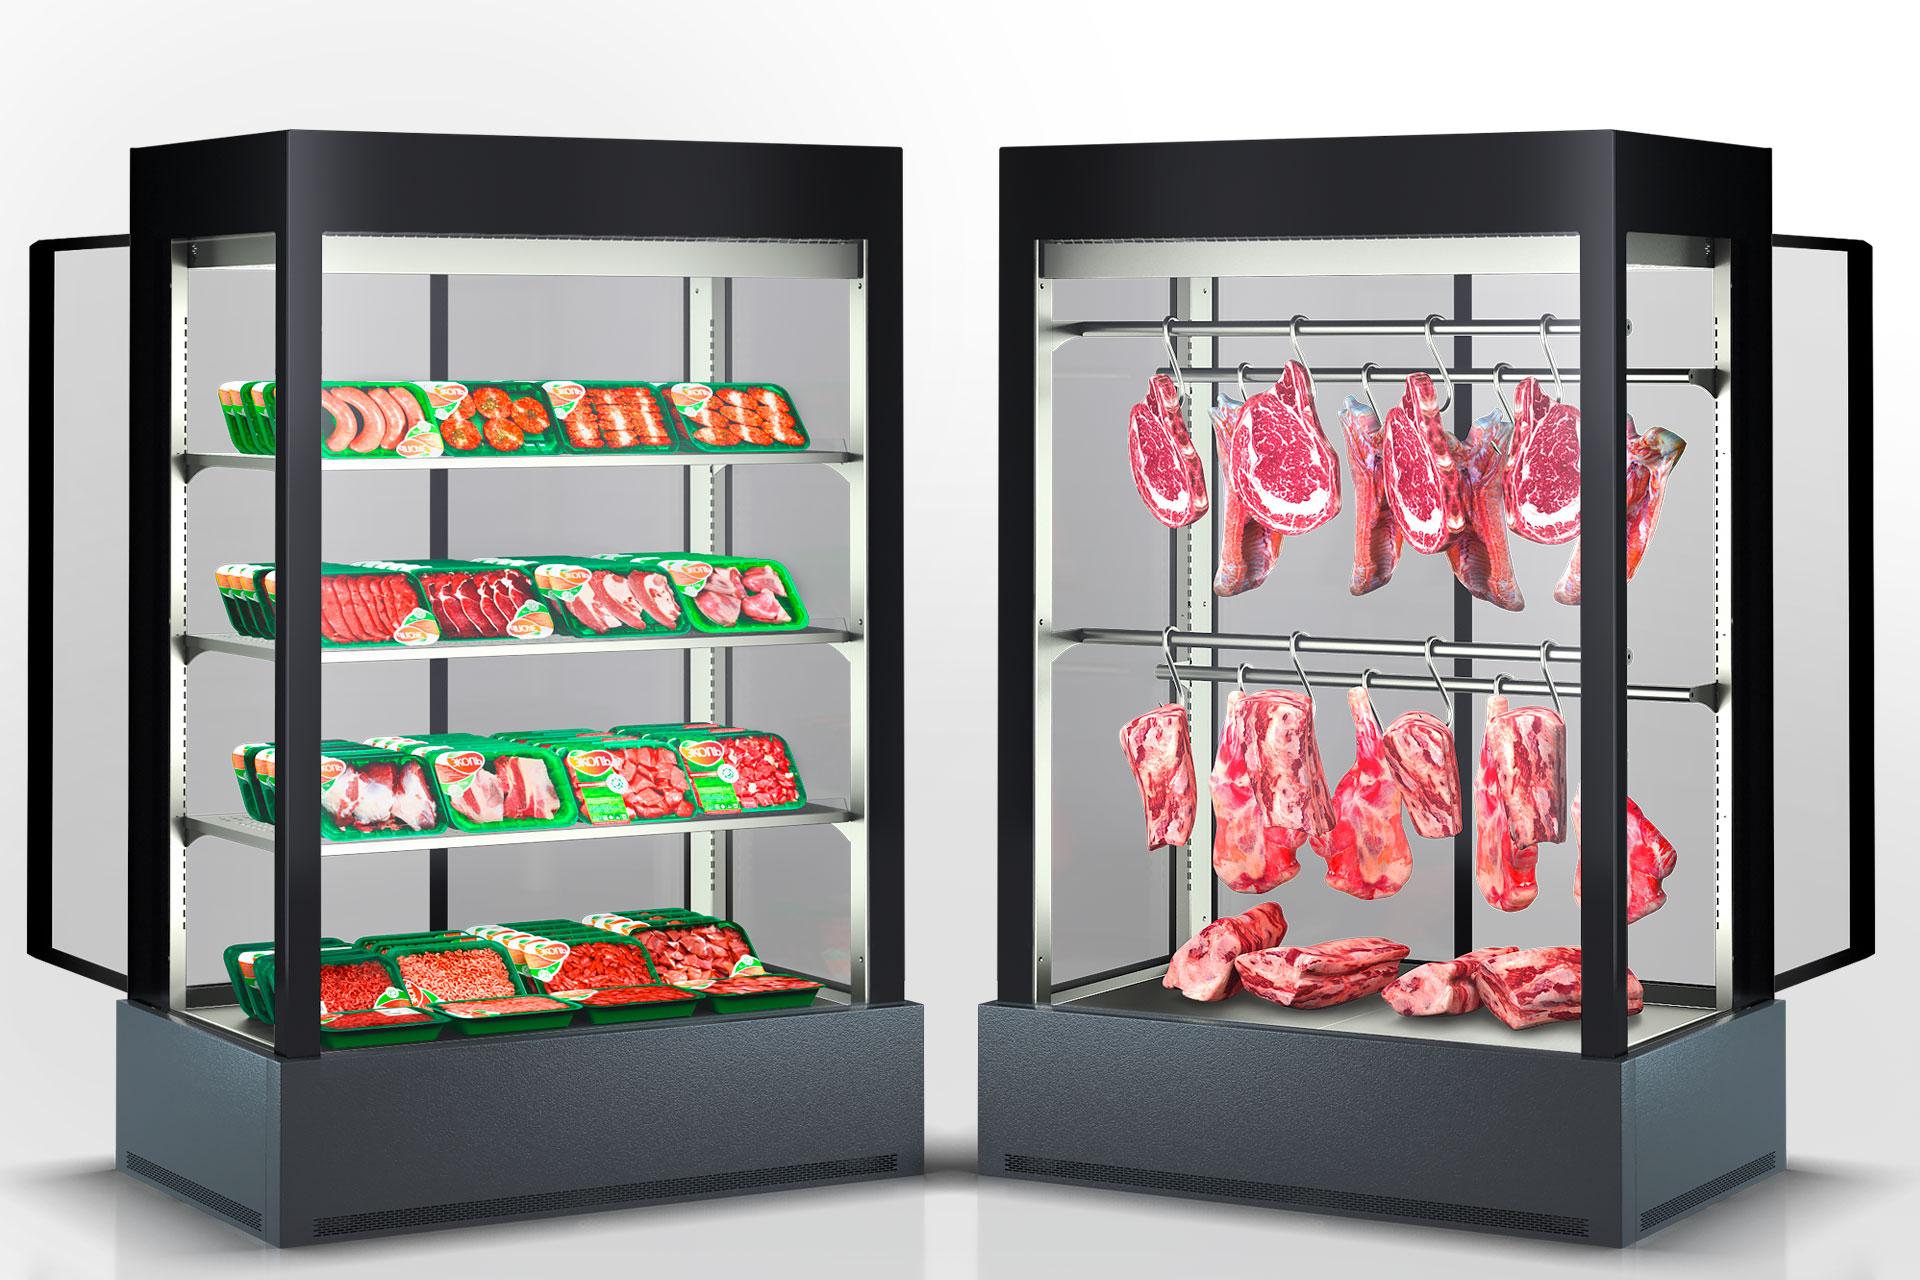 Ausstellungs Kühlschrank Kansas А4SG 078 meat 2HD